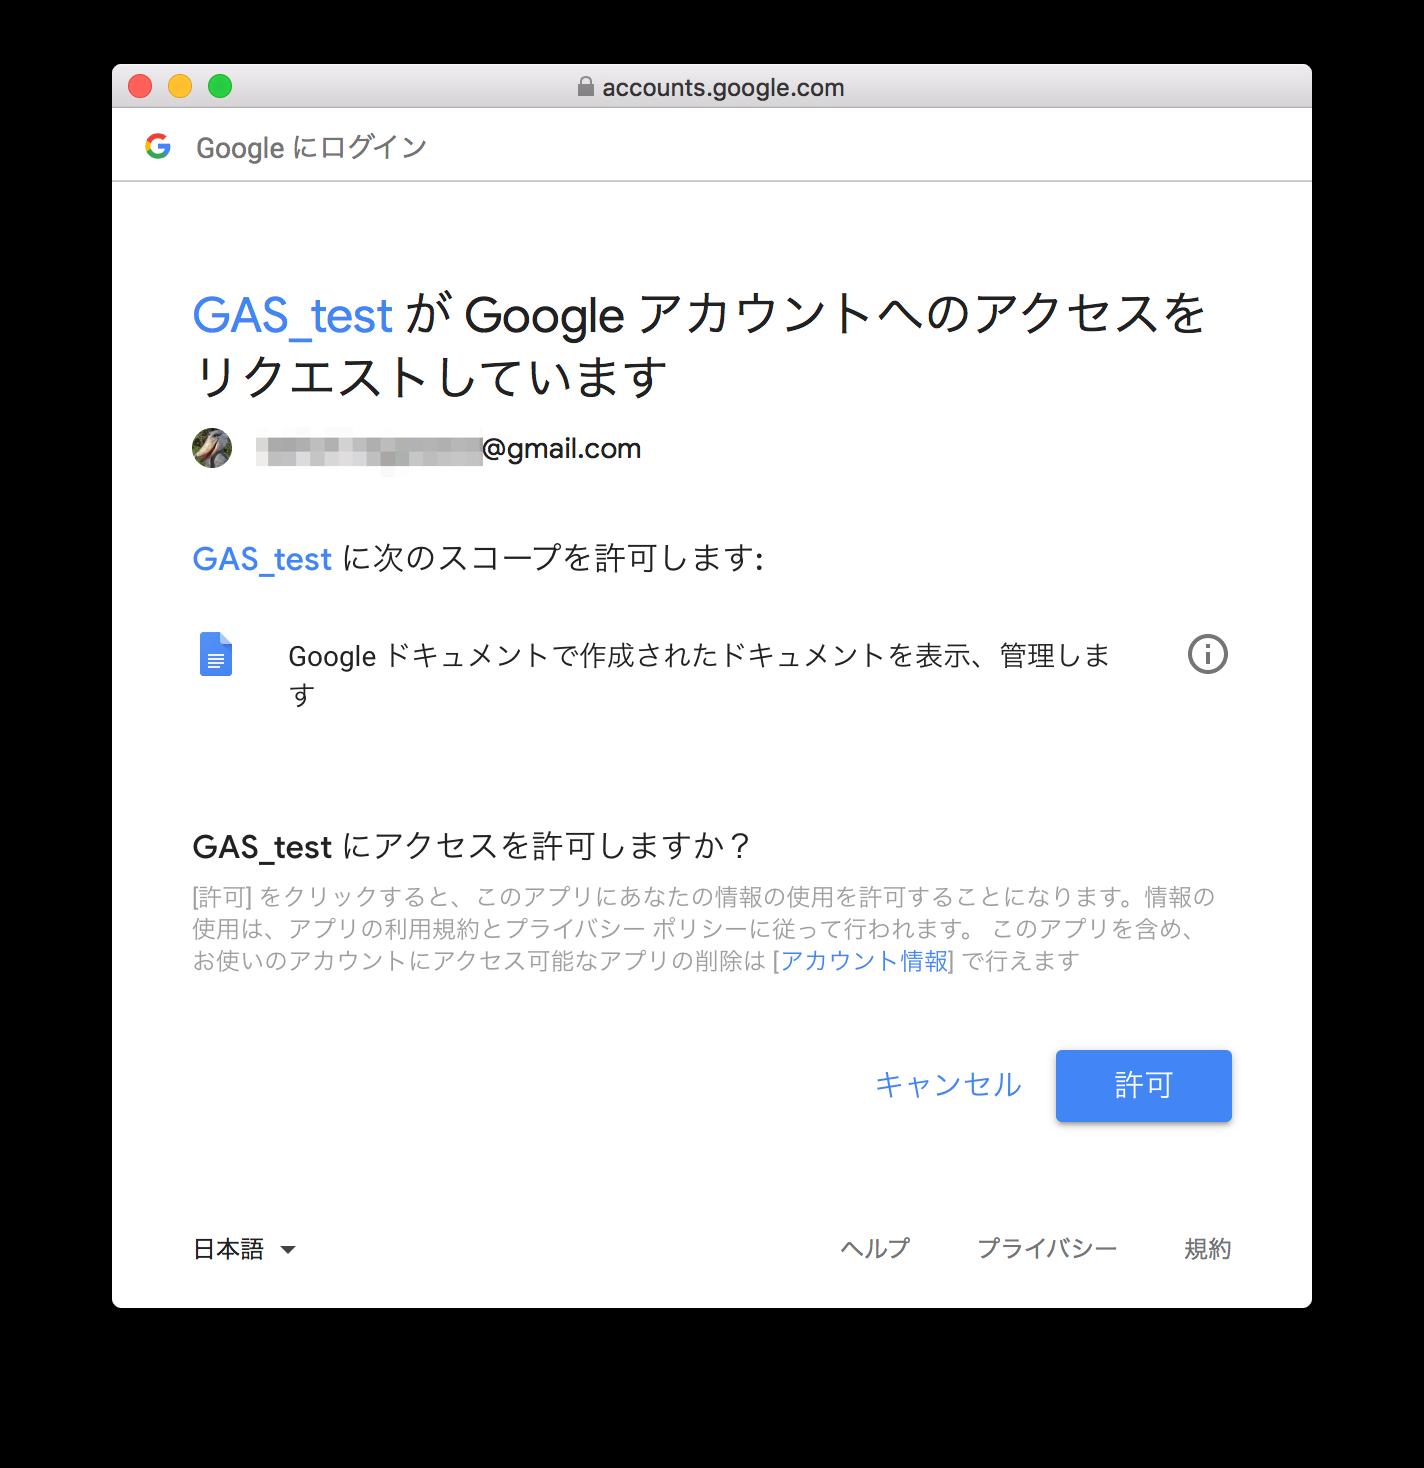 スクリーンショット_2018-06-10_15_18_15.png